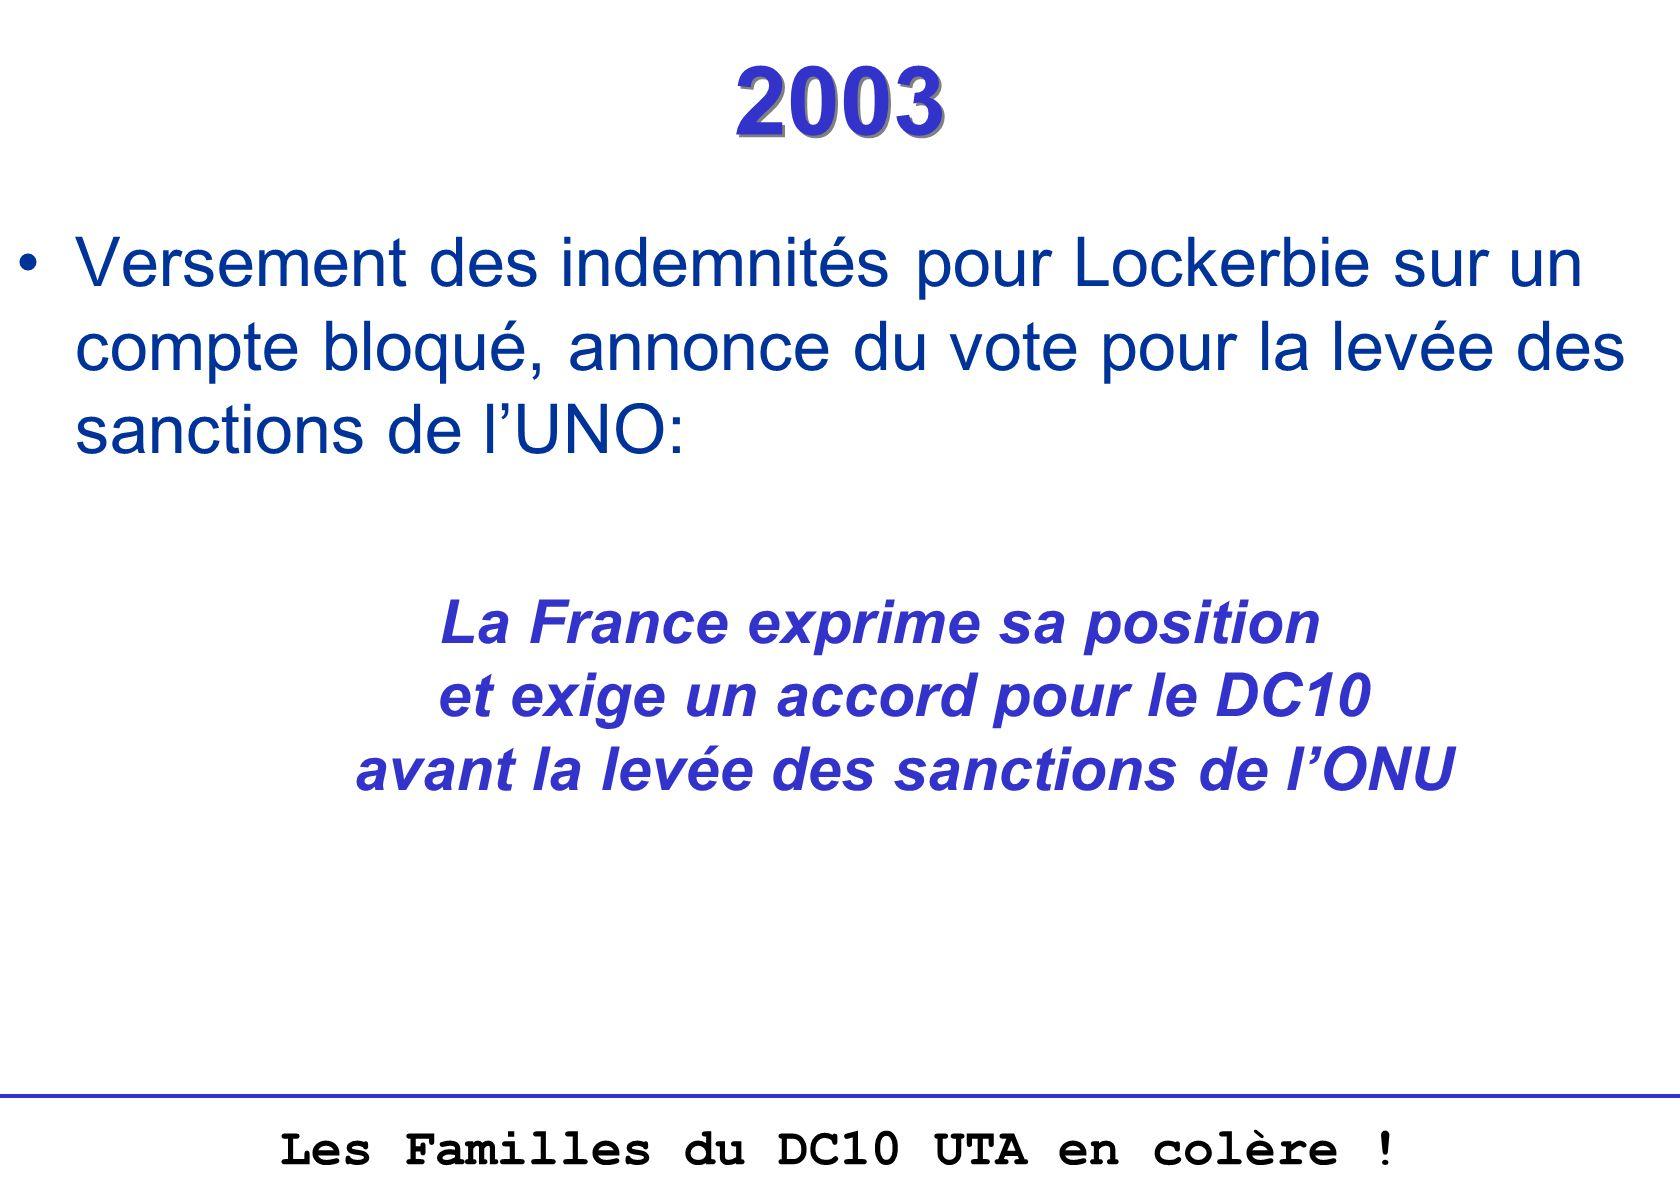 Les Familles du DC10 UTA en colère ! 2003 Versement des indemnités pour Lockerbie sur un compte bloqué, annonce du vote pour la levée des sanctions de